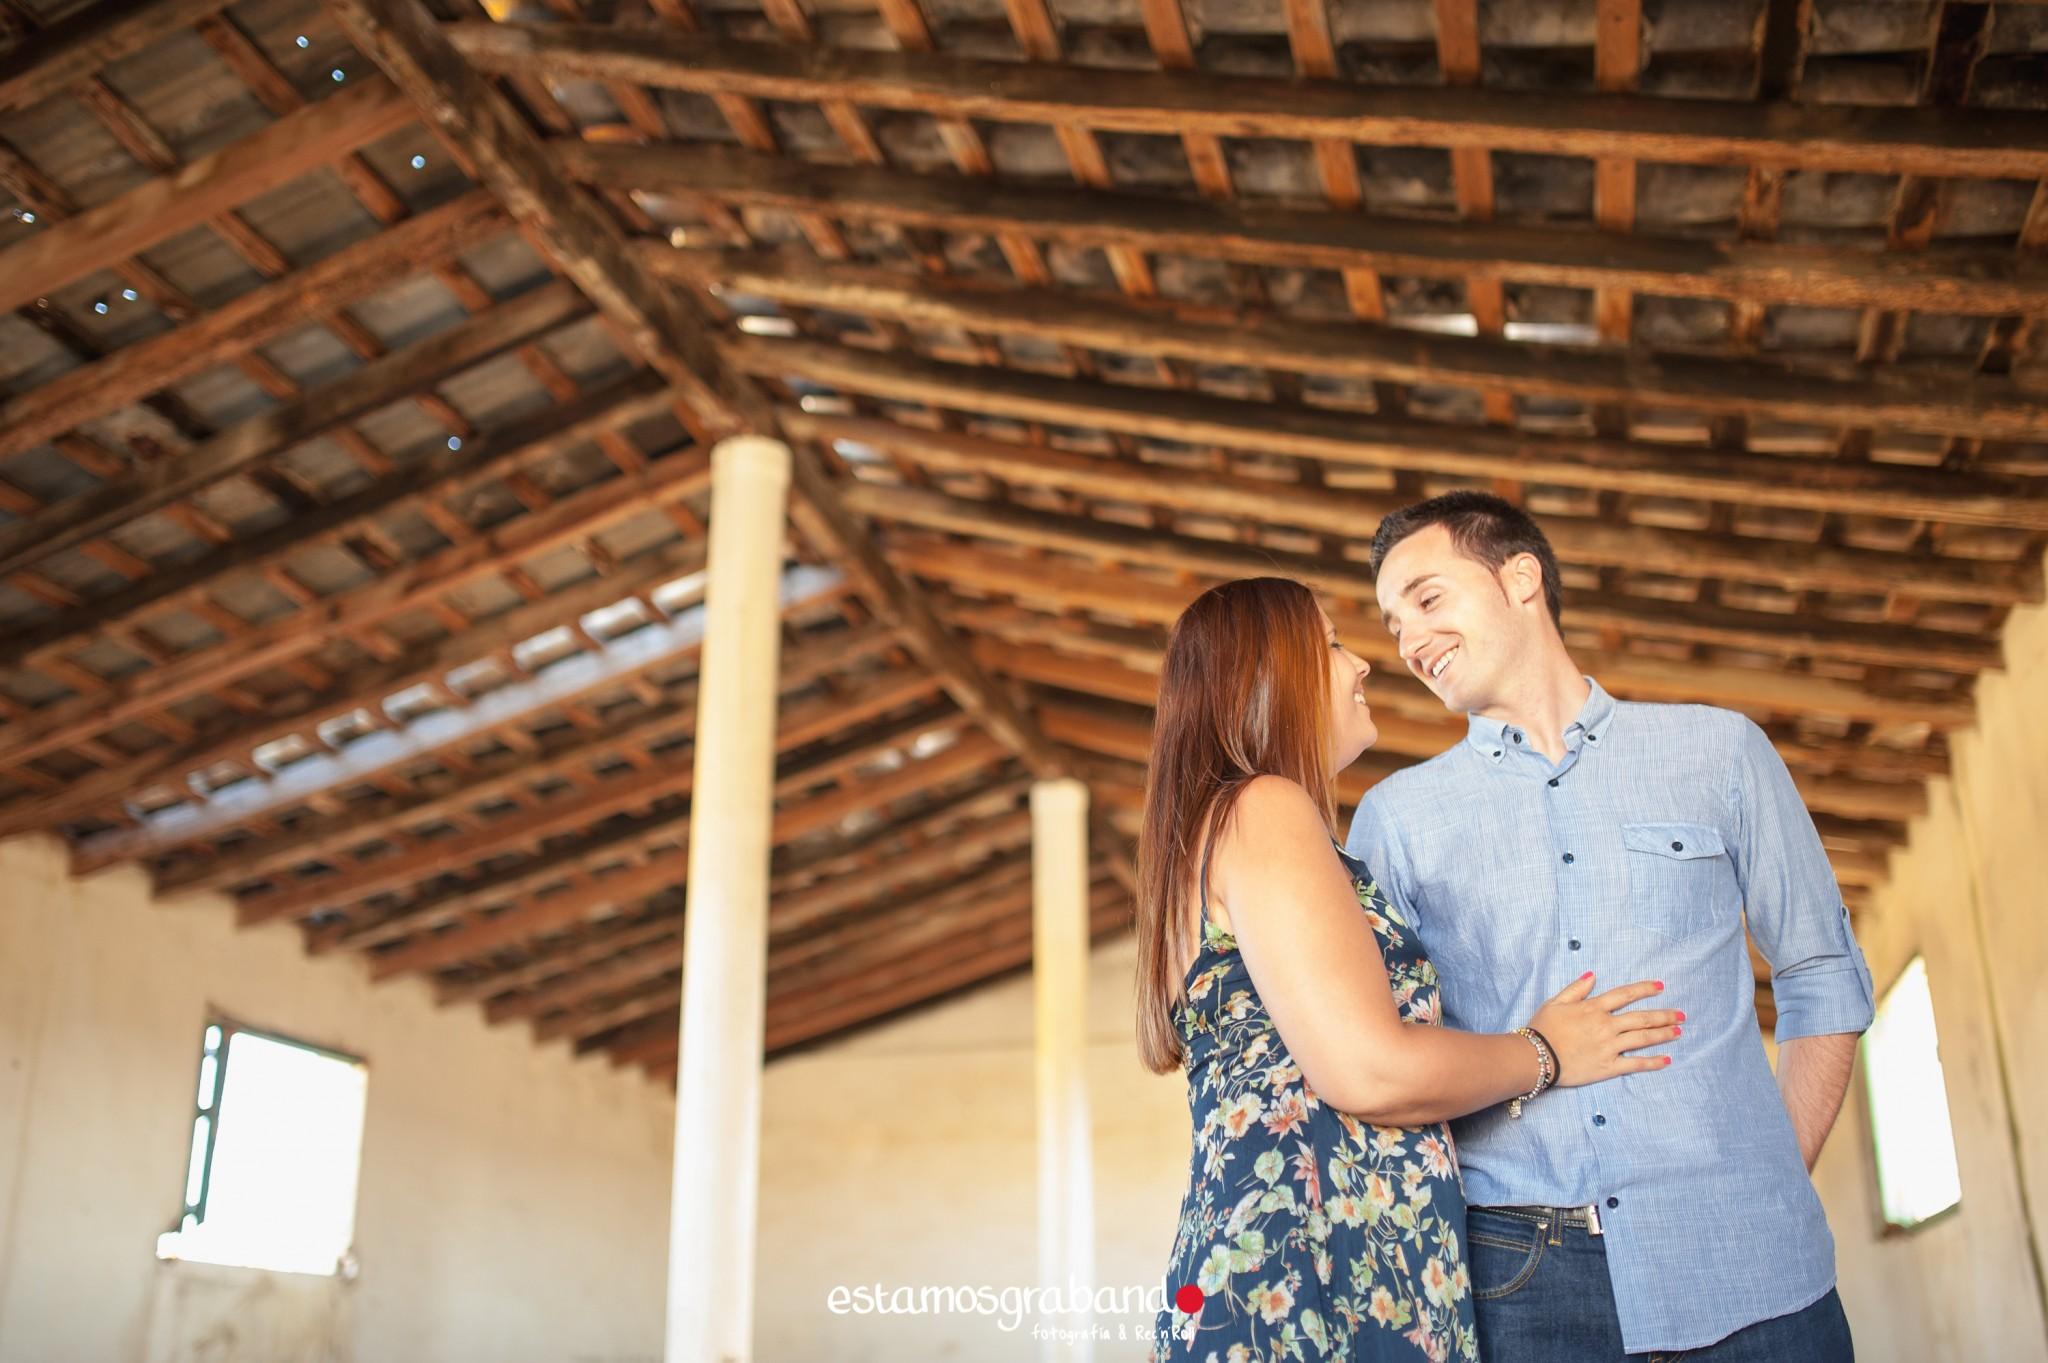 preboda-may-y-sergio-preboda-sesion-rec-and-rollera-fotos-de-pareja-e-session-fotos-boda-jerez-fotos-boda-jerez_-13 10 días [Preboda May & Sergio] - video boda cadiz